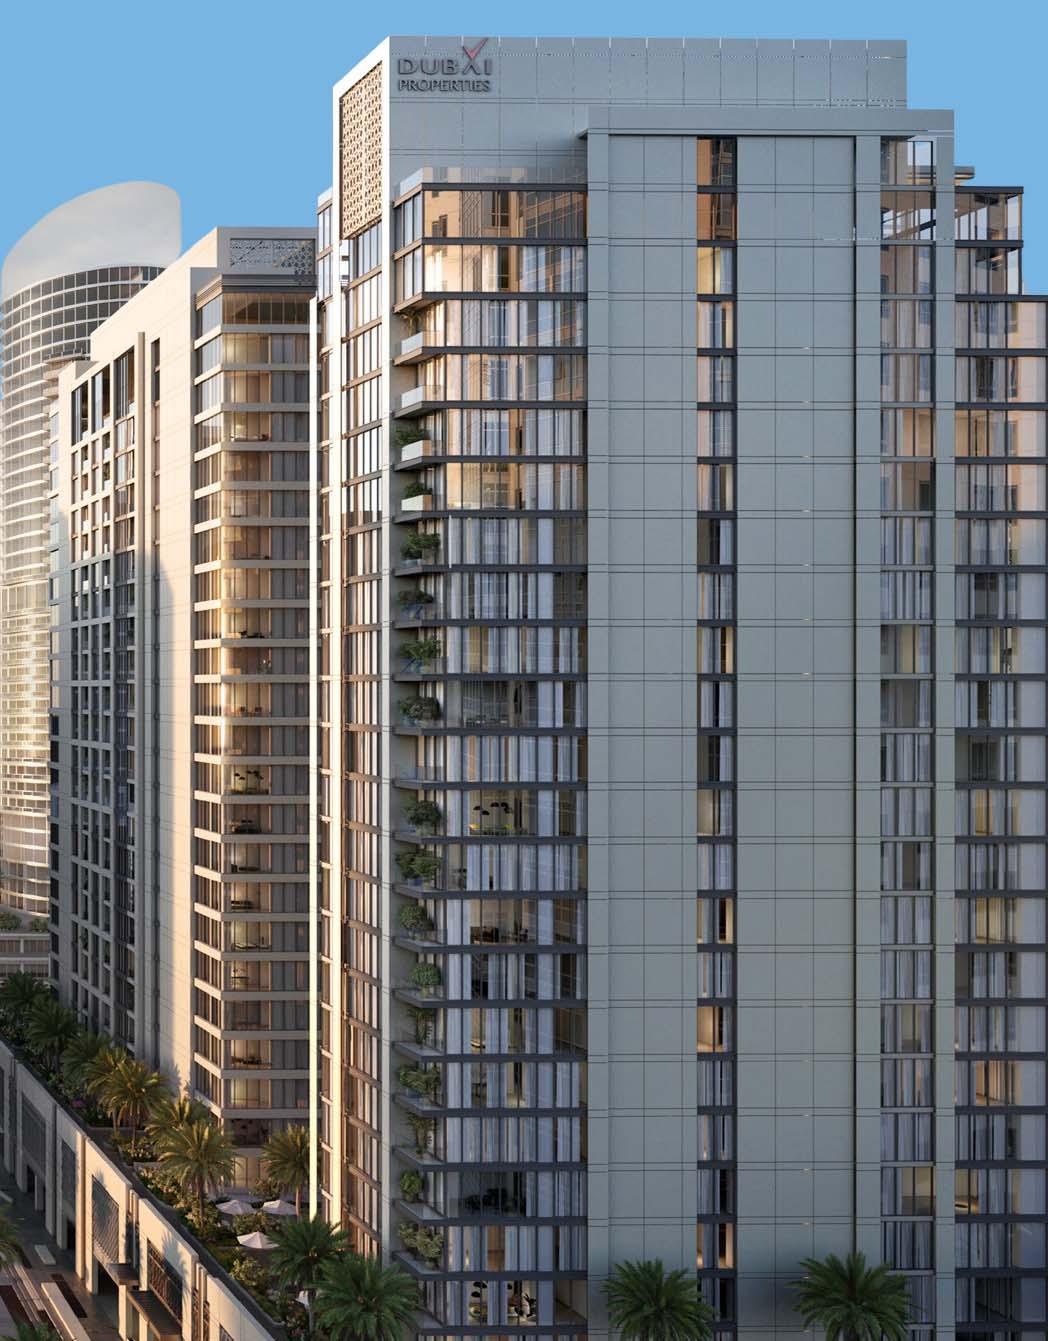 أبراج بلفيو في وسط مدينة دبي: شقق للبيع من دبي للعقارات